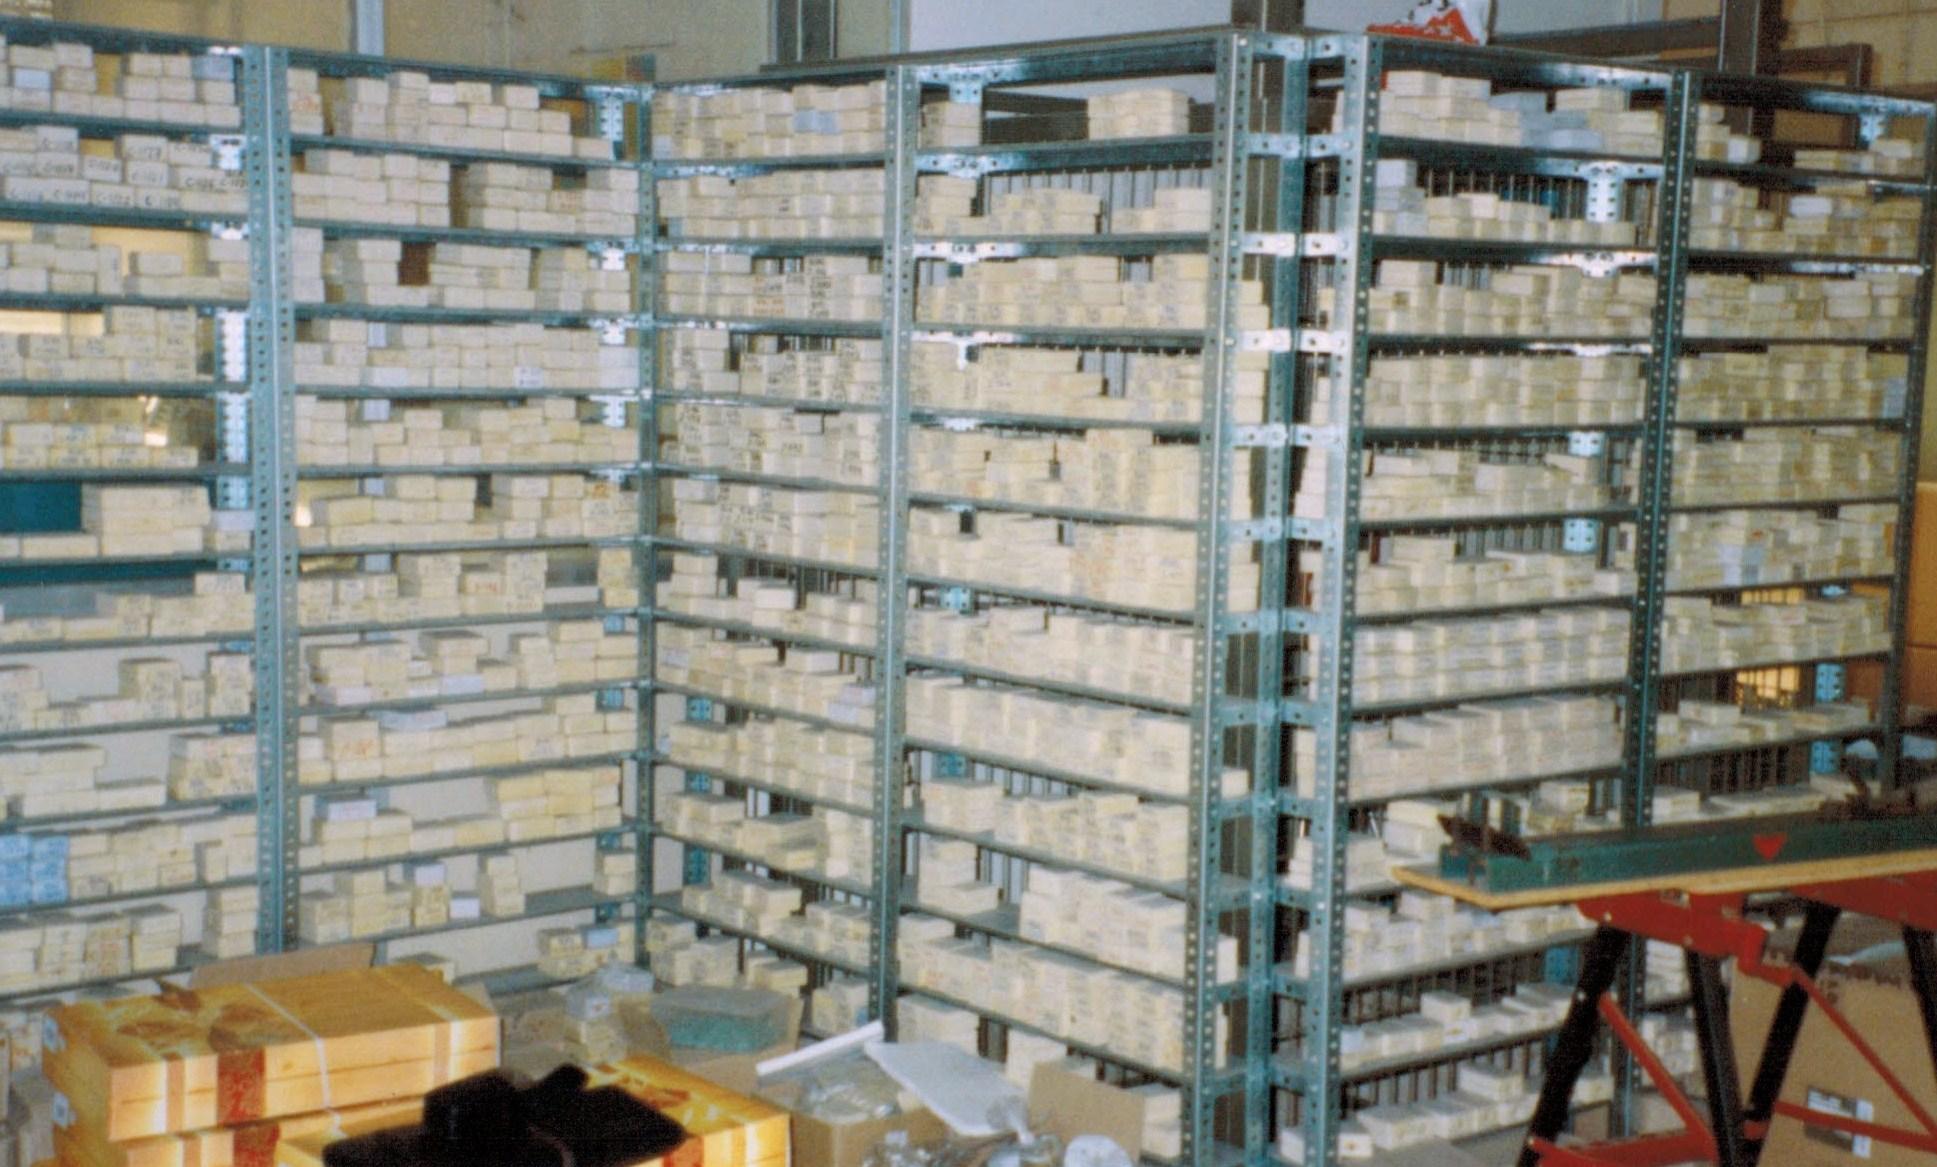 Estanterias metalicas de angulo ranurado estanterias - Estanterias metalicas para libros ...